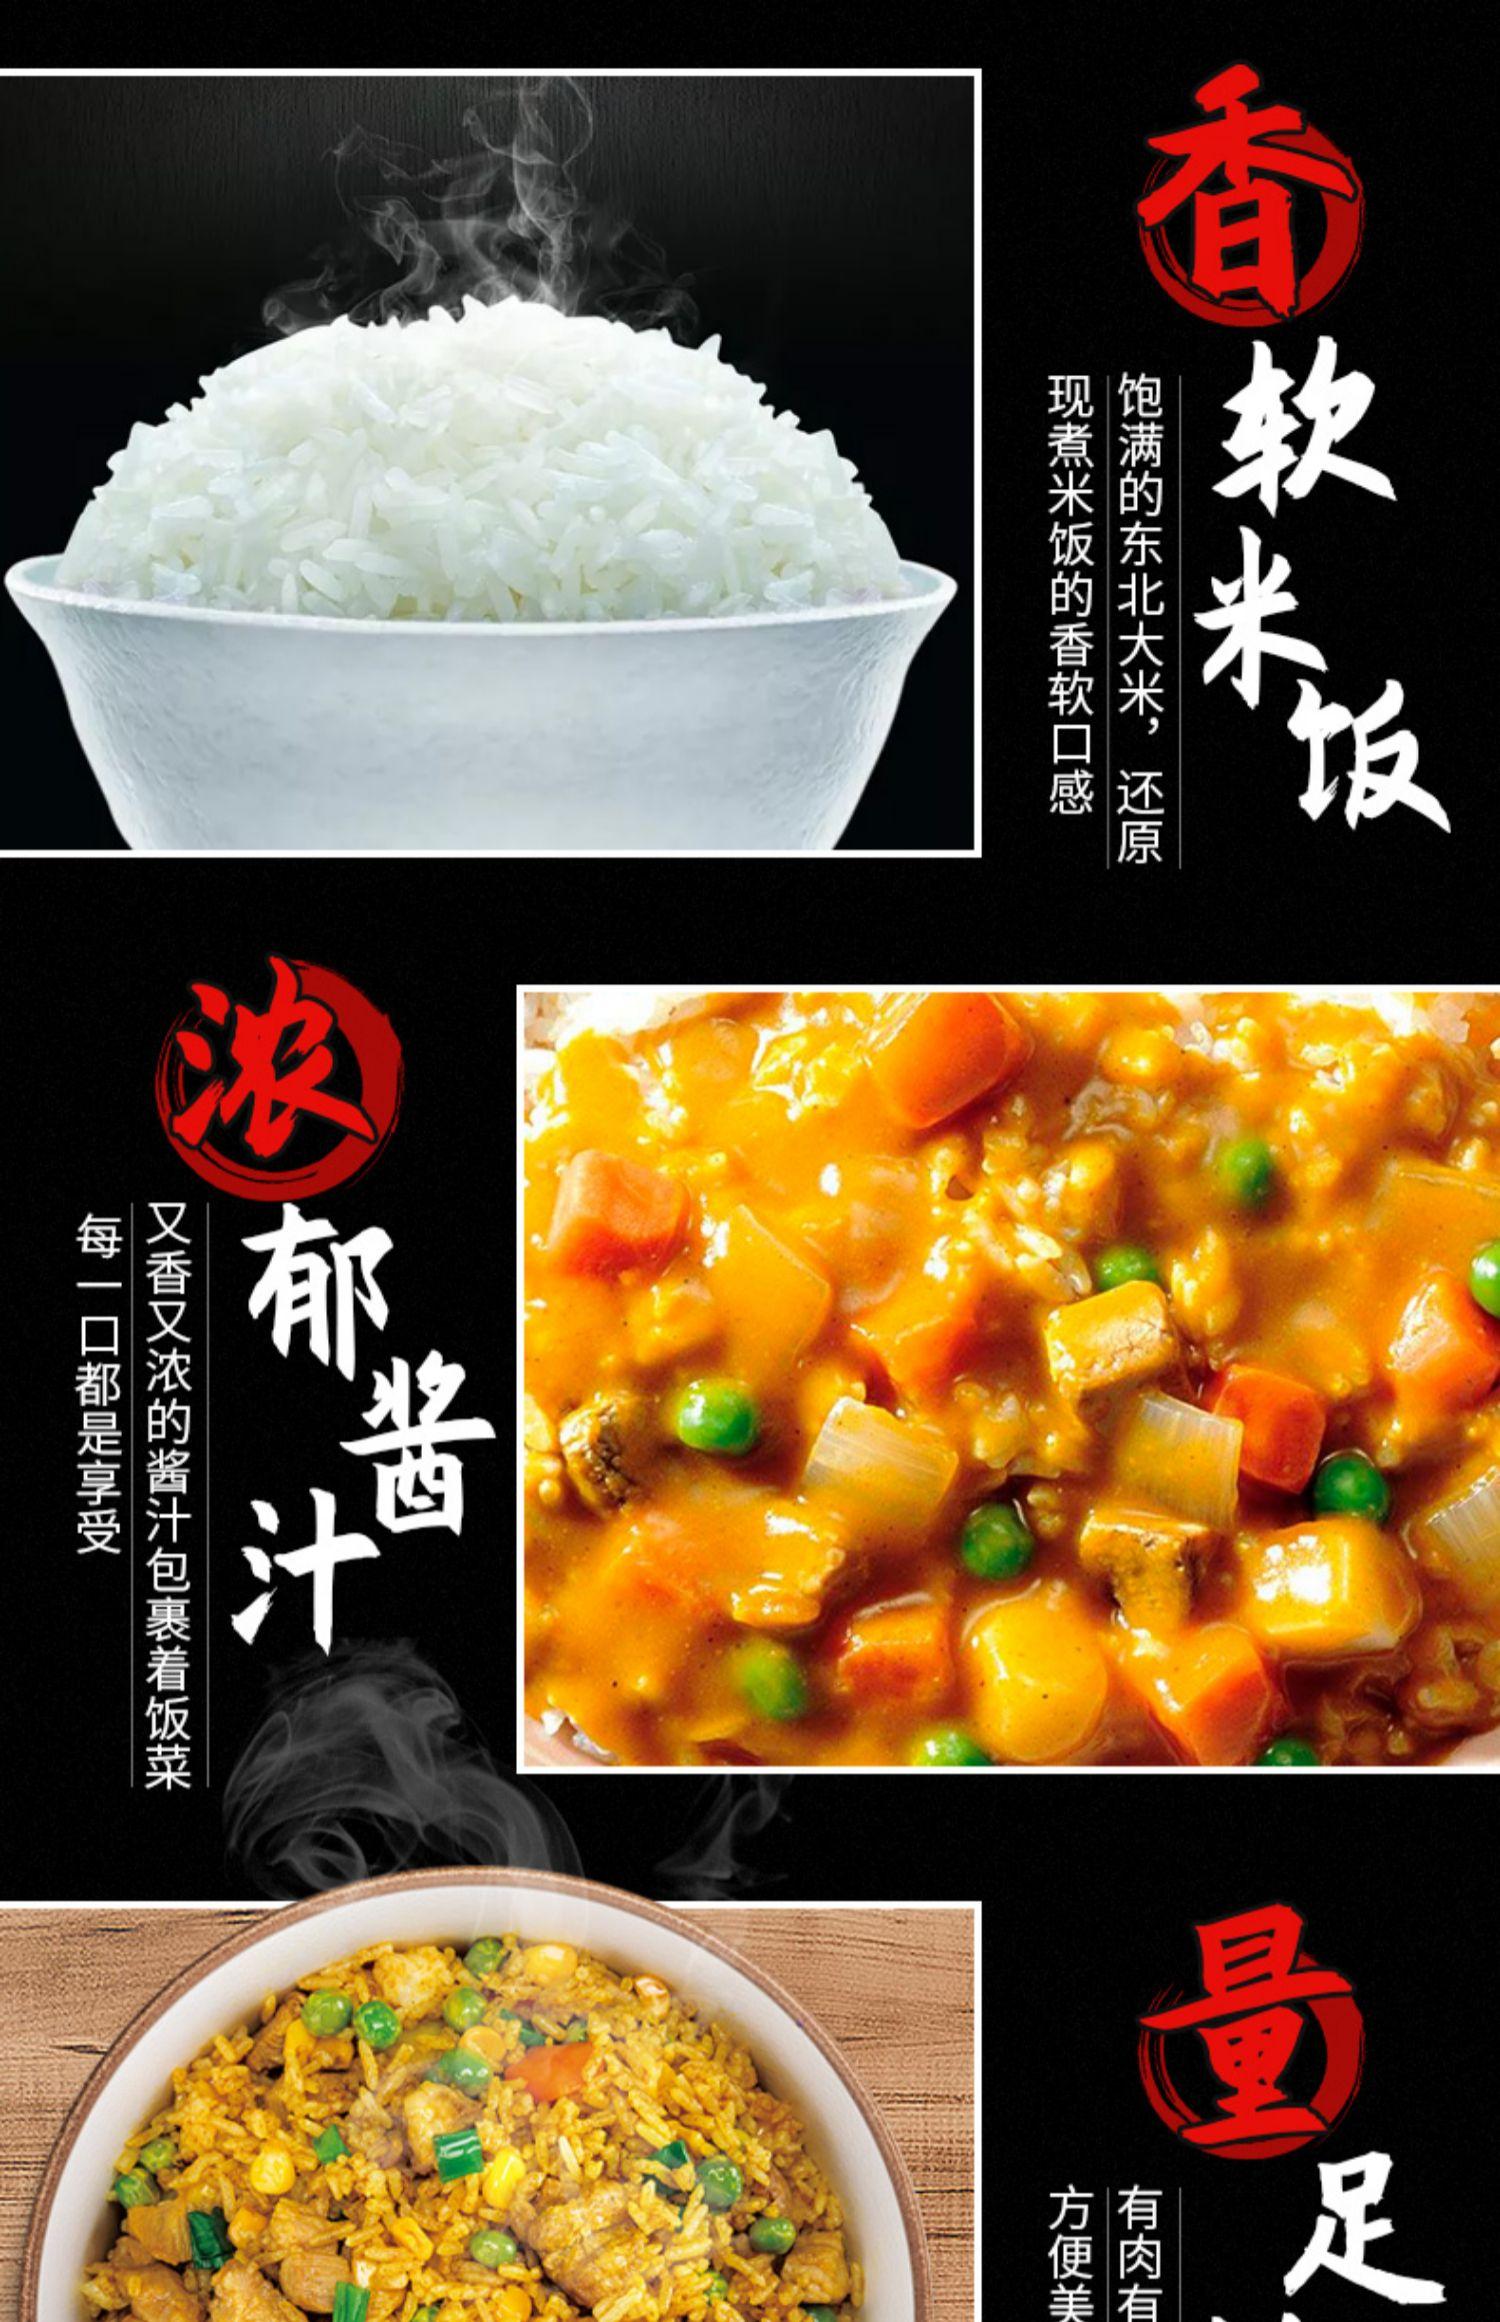 【买1送1同款】紫山自热米饭自煮火锅方便懒人速食多种口味商品详情图